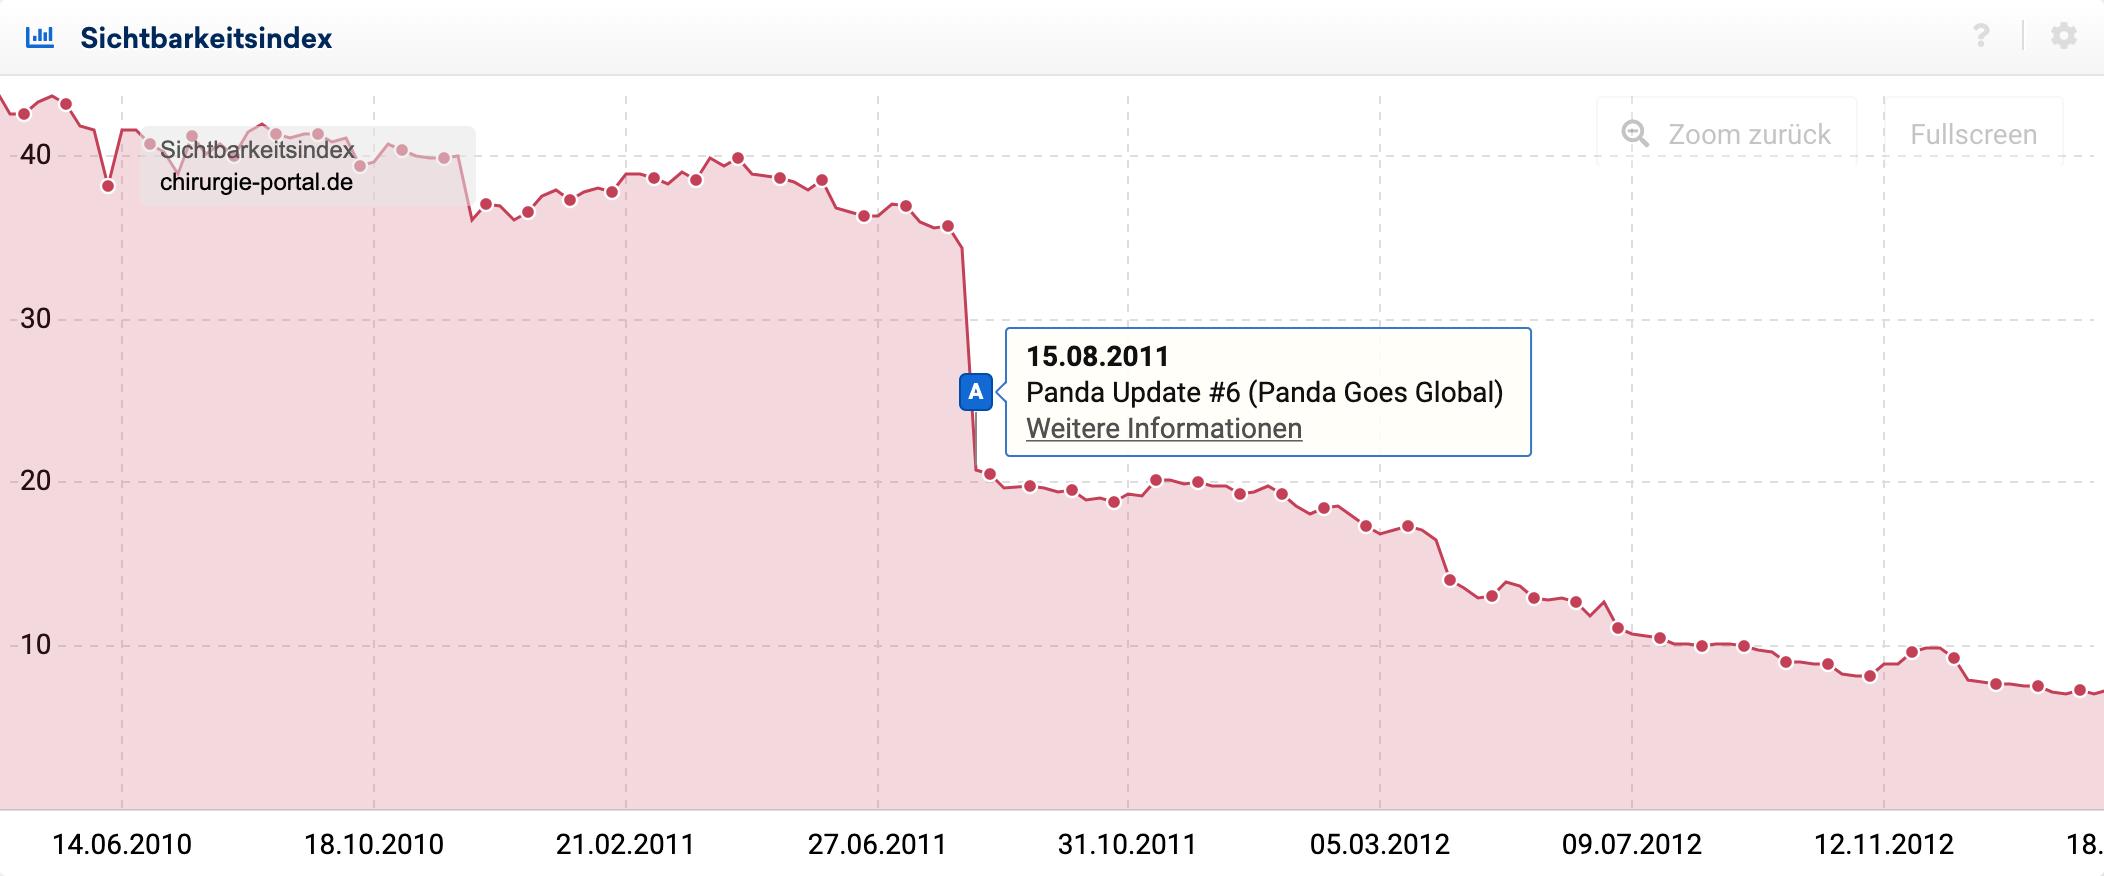 Sichtbarkeitsindexverlauf für chirurgie-portal.de um das Panda Update #6 in 2011.